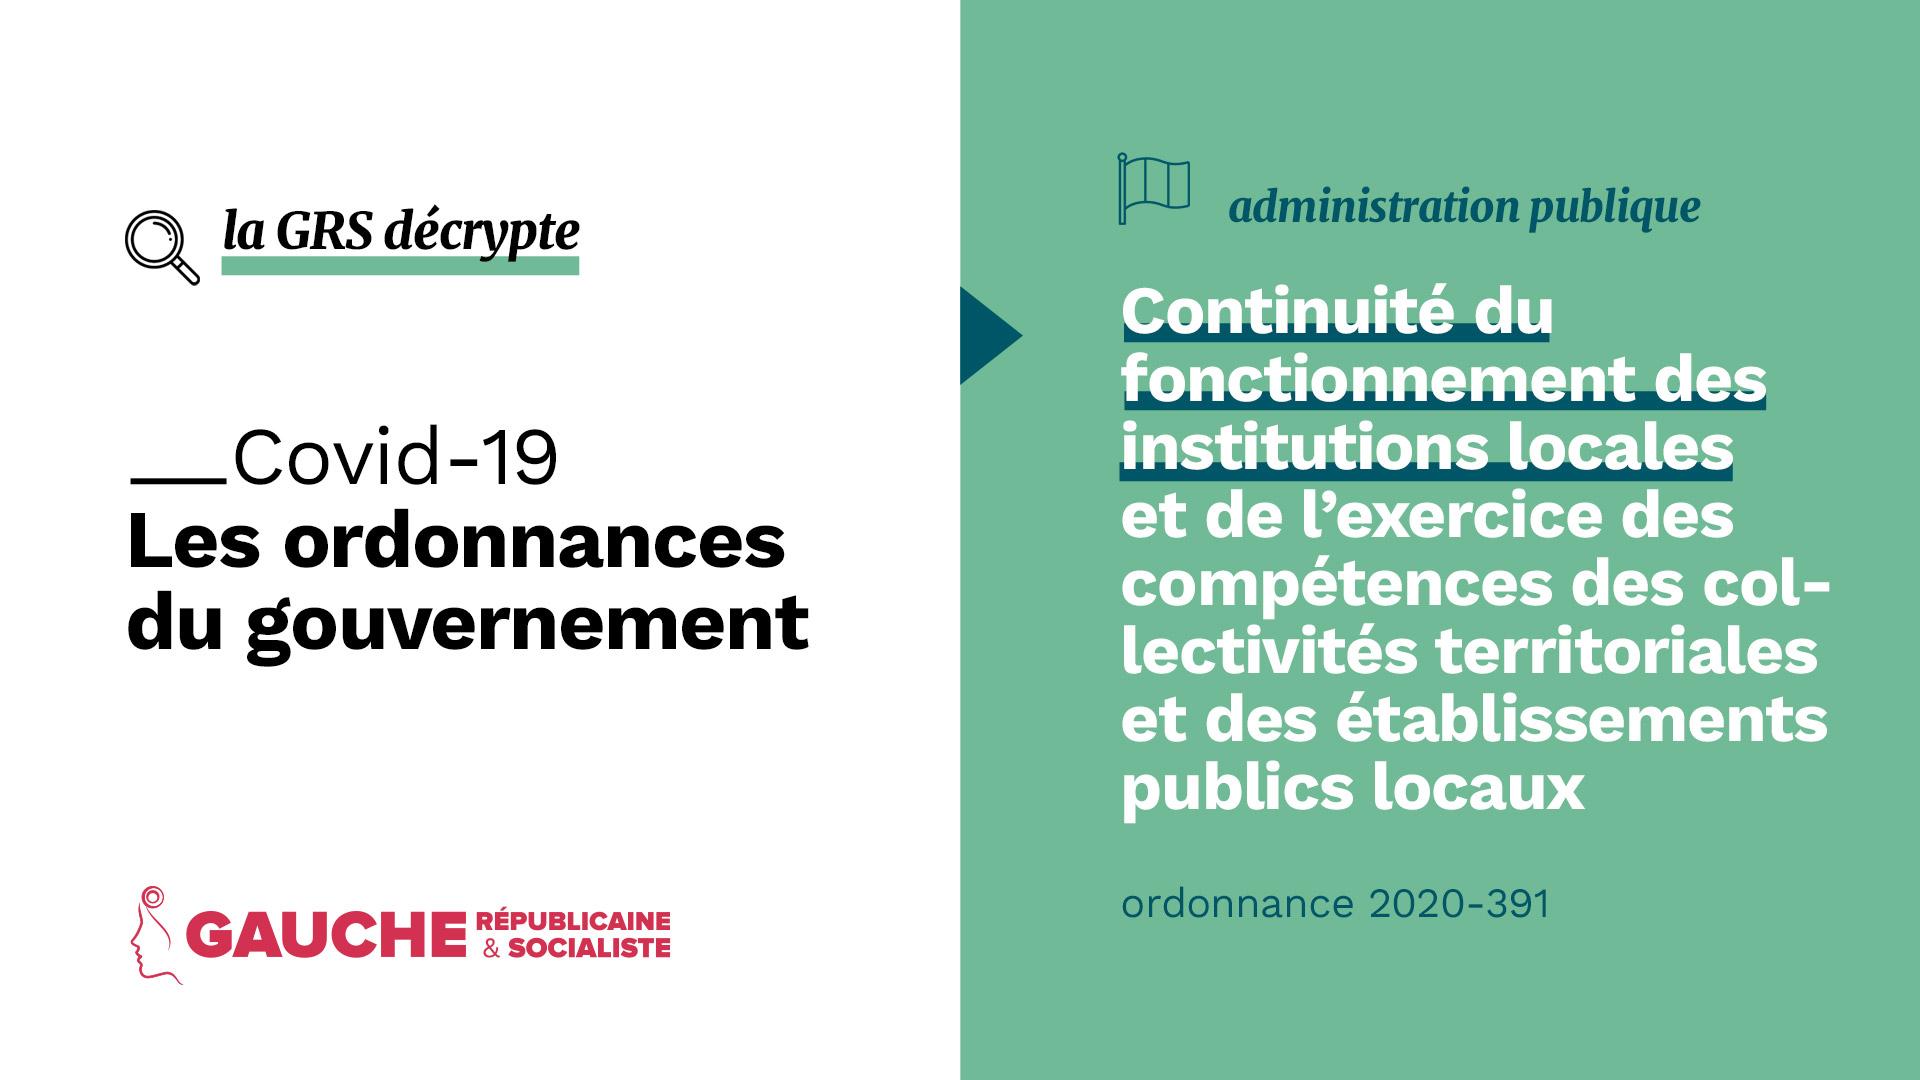 Ordonnance n° 2020-391 du 1er avril 2020 visant à assurer la continuité du fonctionnement des institutions locales et de l'exercice des compétences des collectivités territoriales et des établissements publics locaux